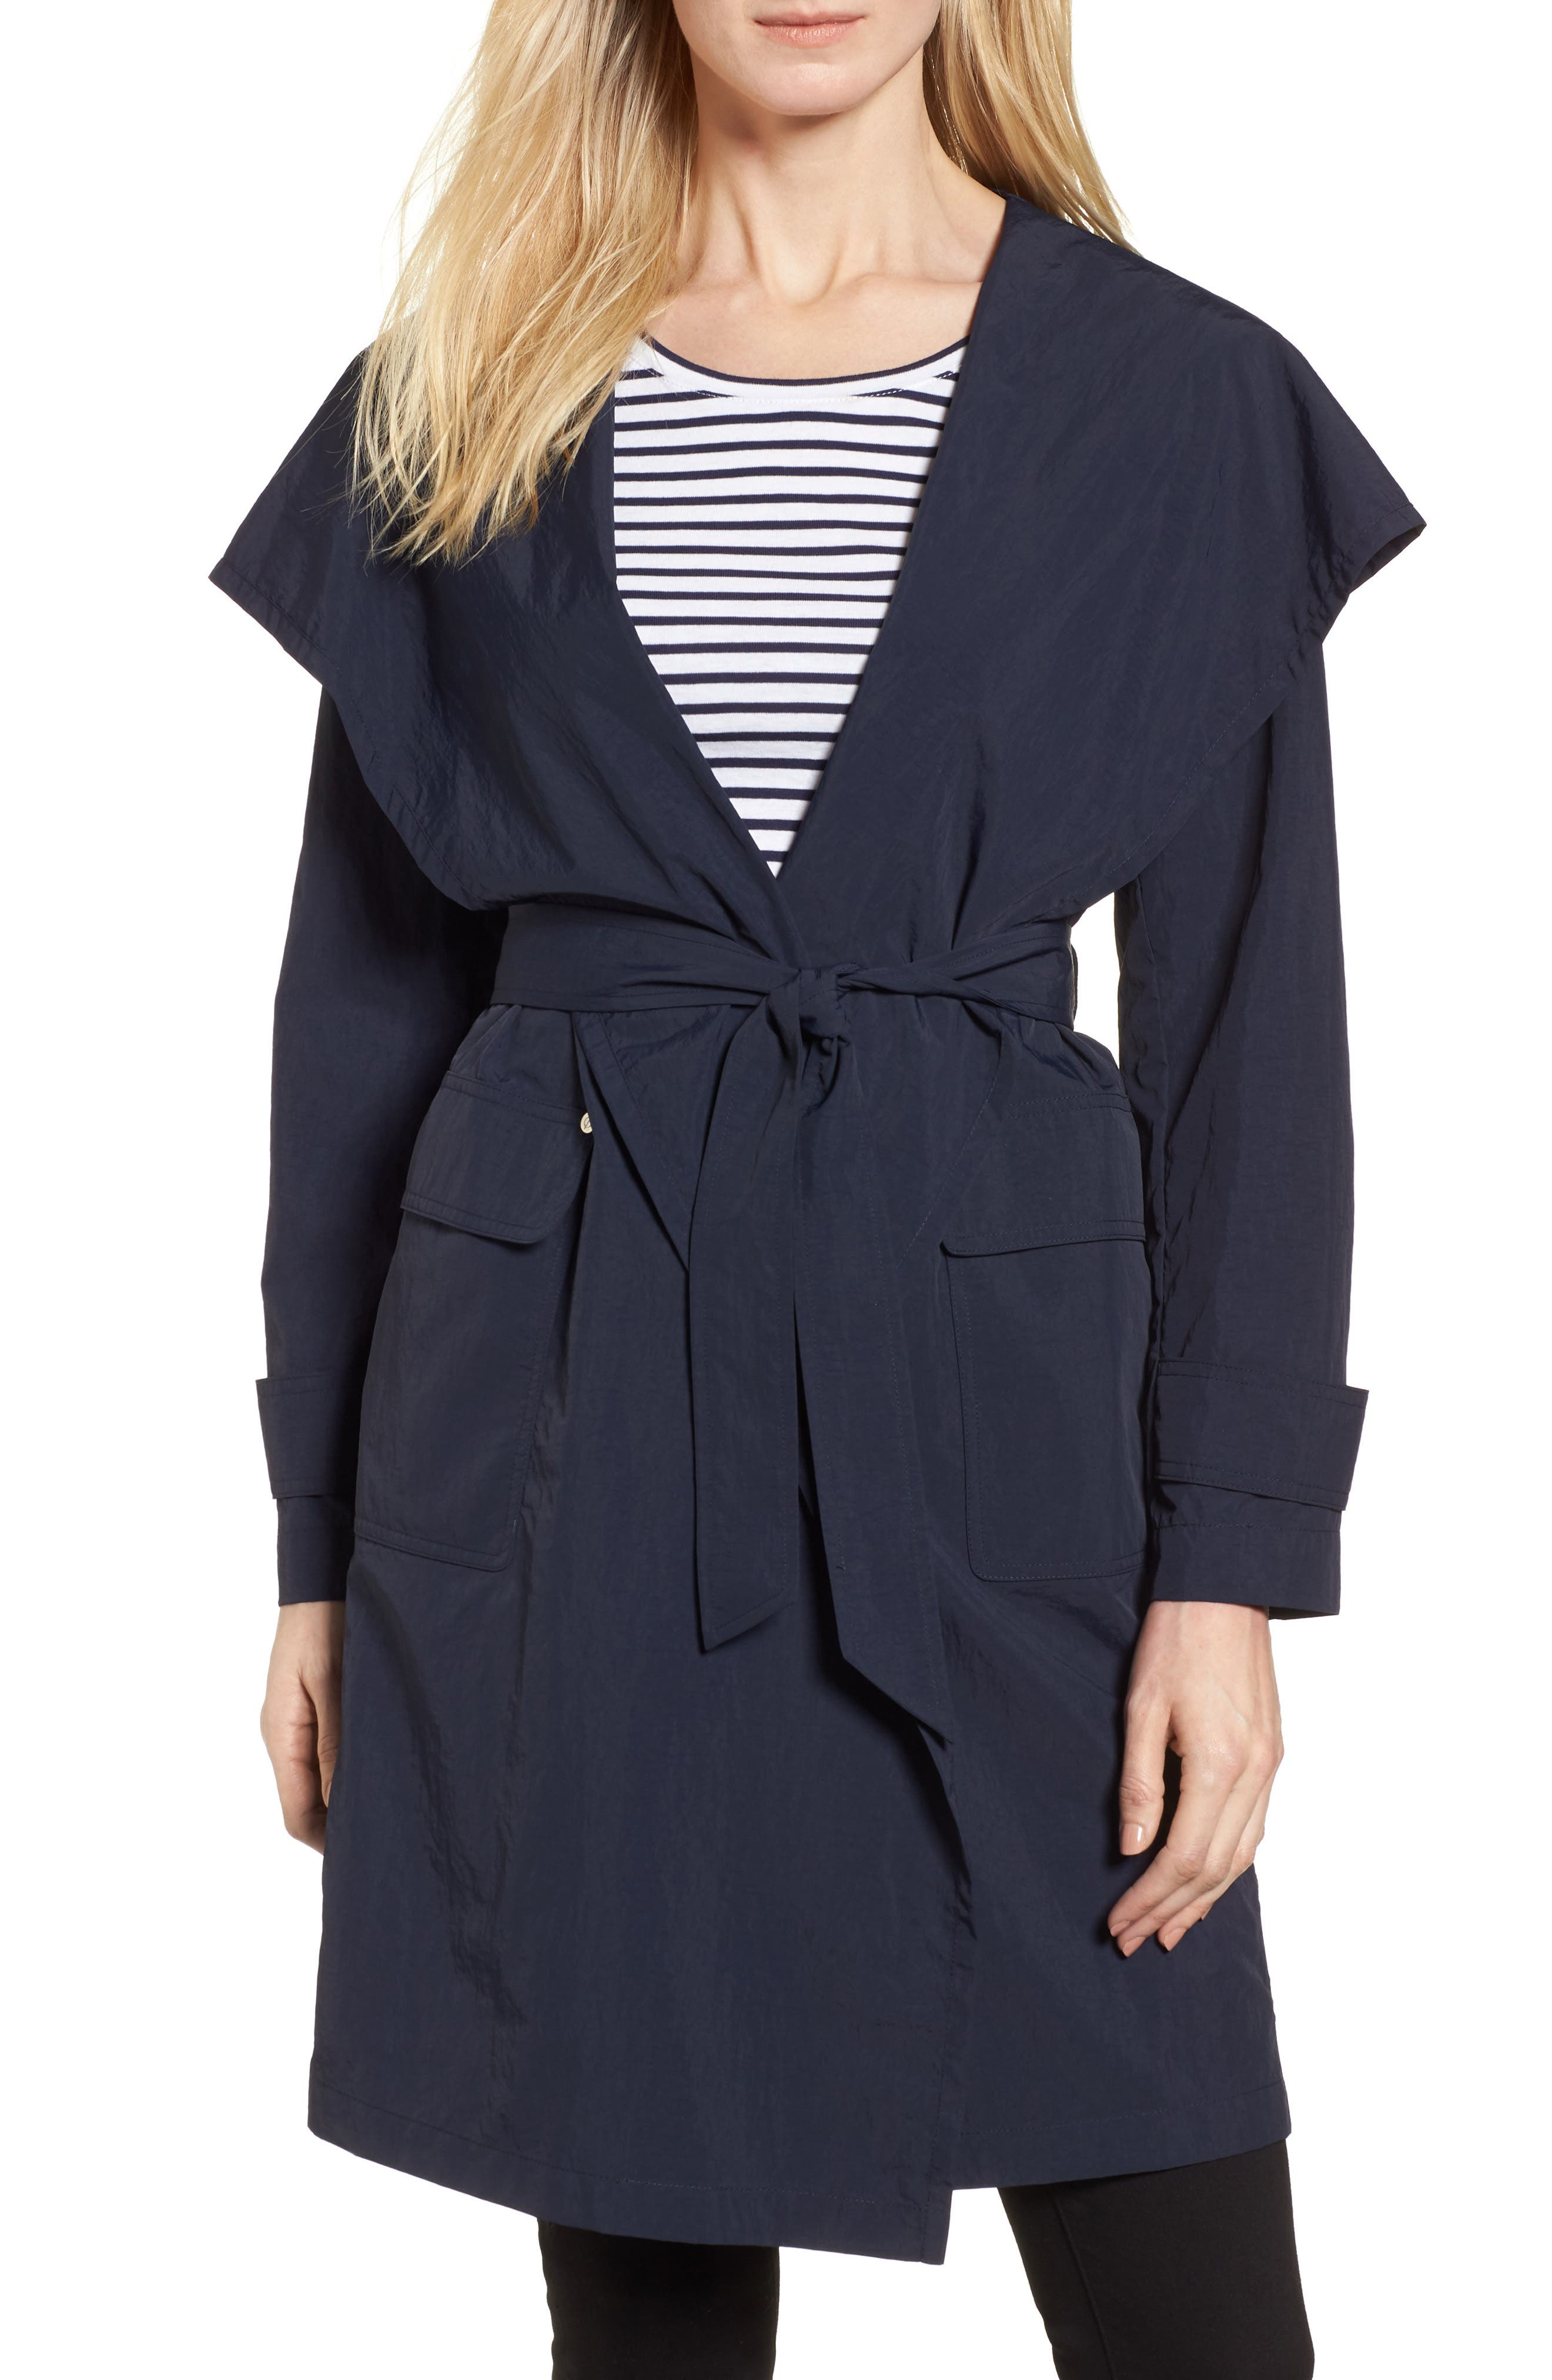 Flo Packable Hooded Raincoat,                             Main thumbnail 1, color,                             250